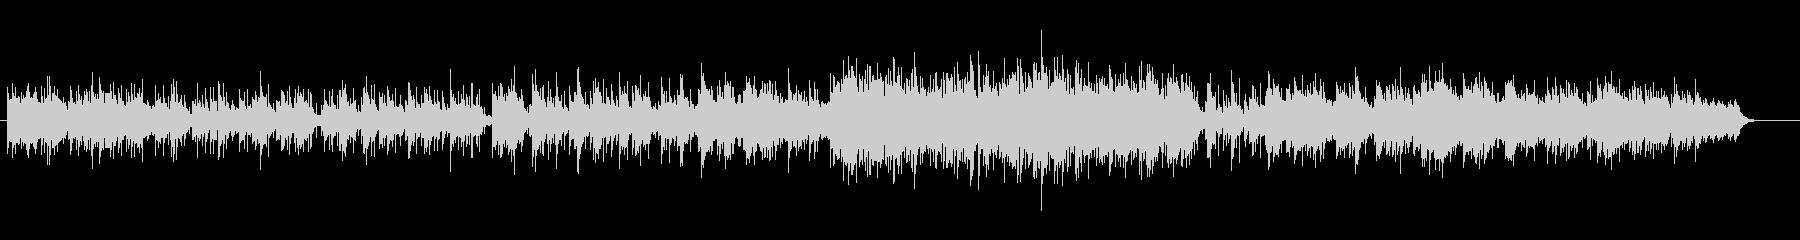 ミディアム・テンポのニューミュージックの未再生の波形